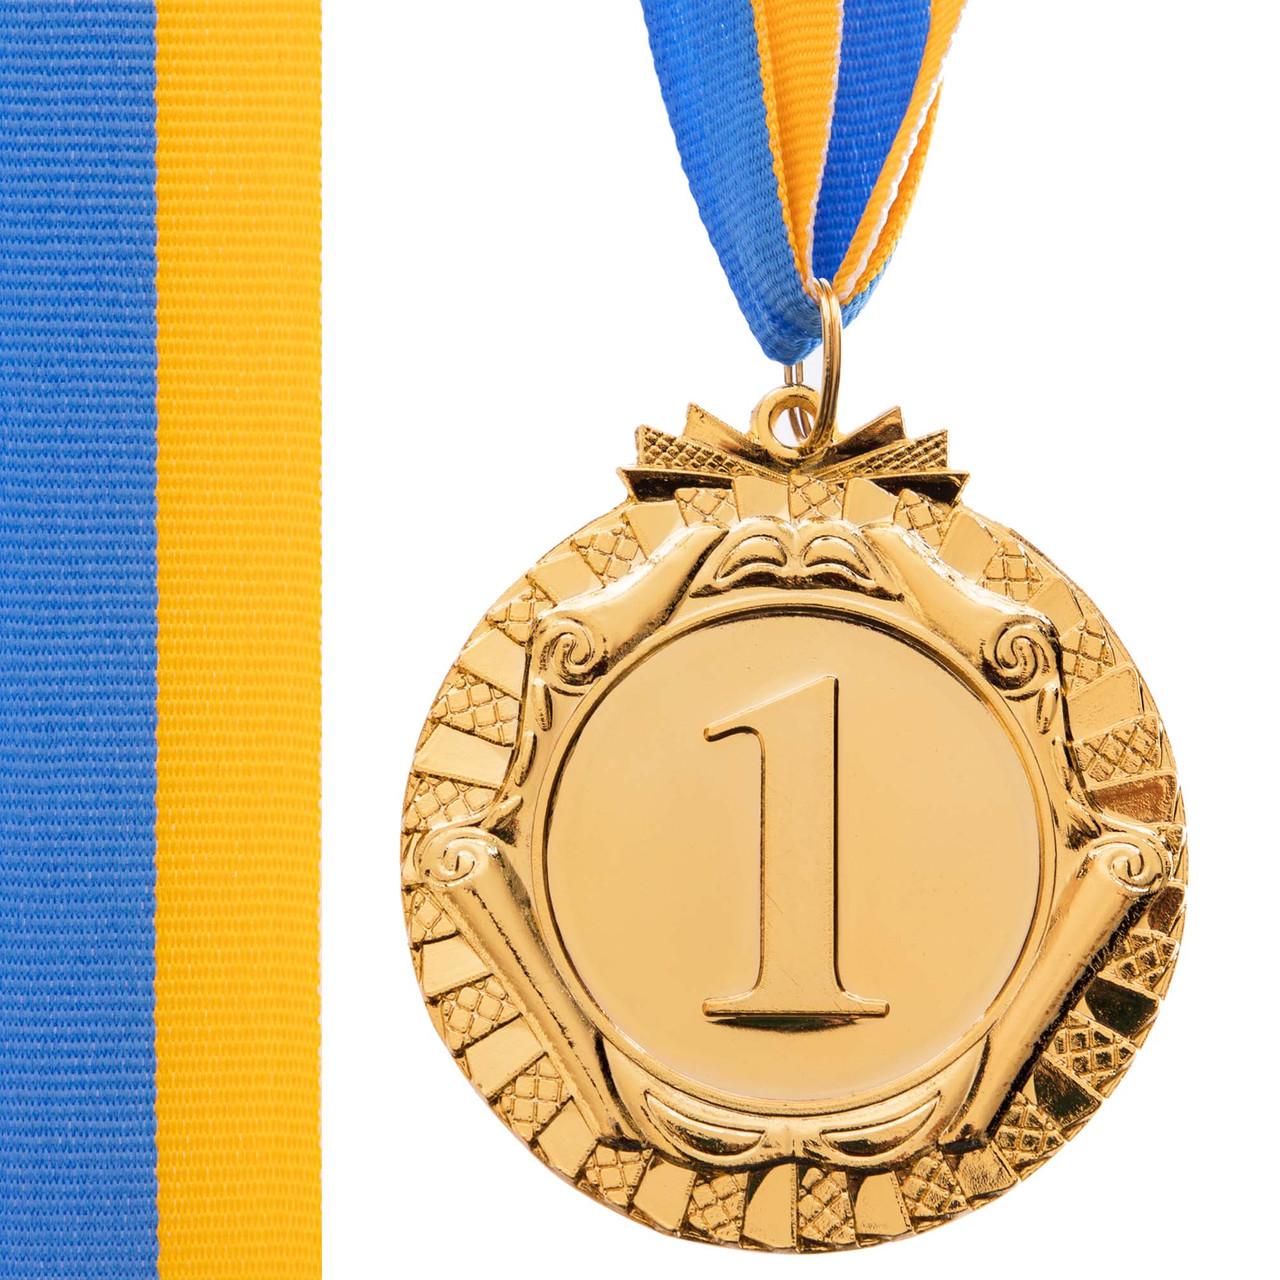 Спортивна медаль з стрічкою d=6,5 см C-6863, 1 місце (золото) OF